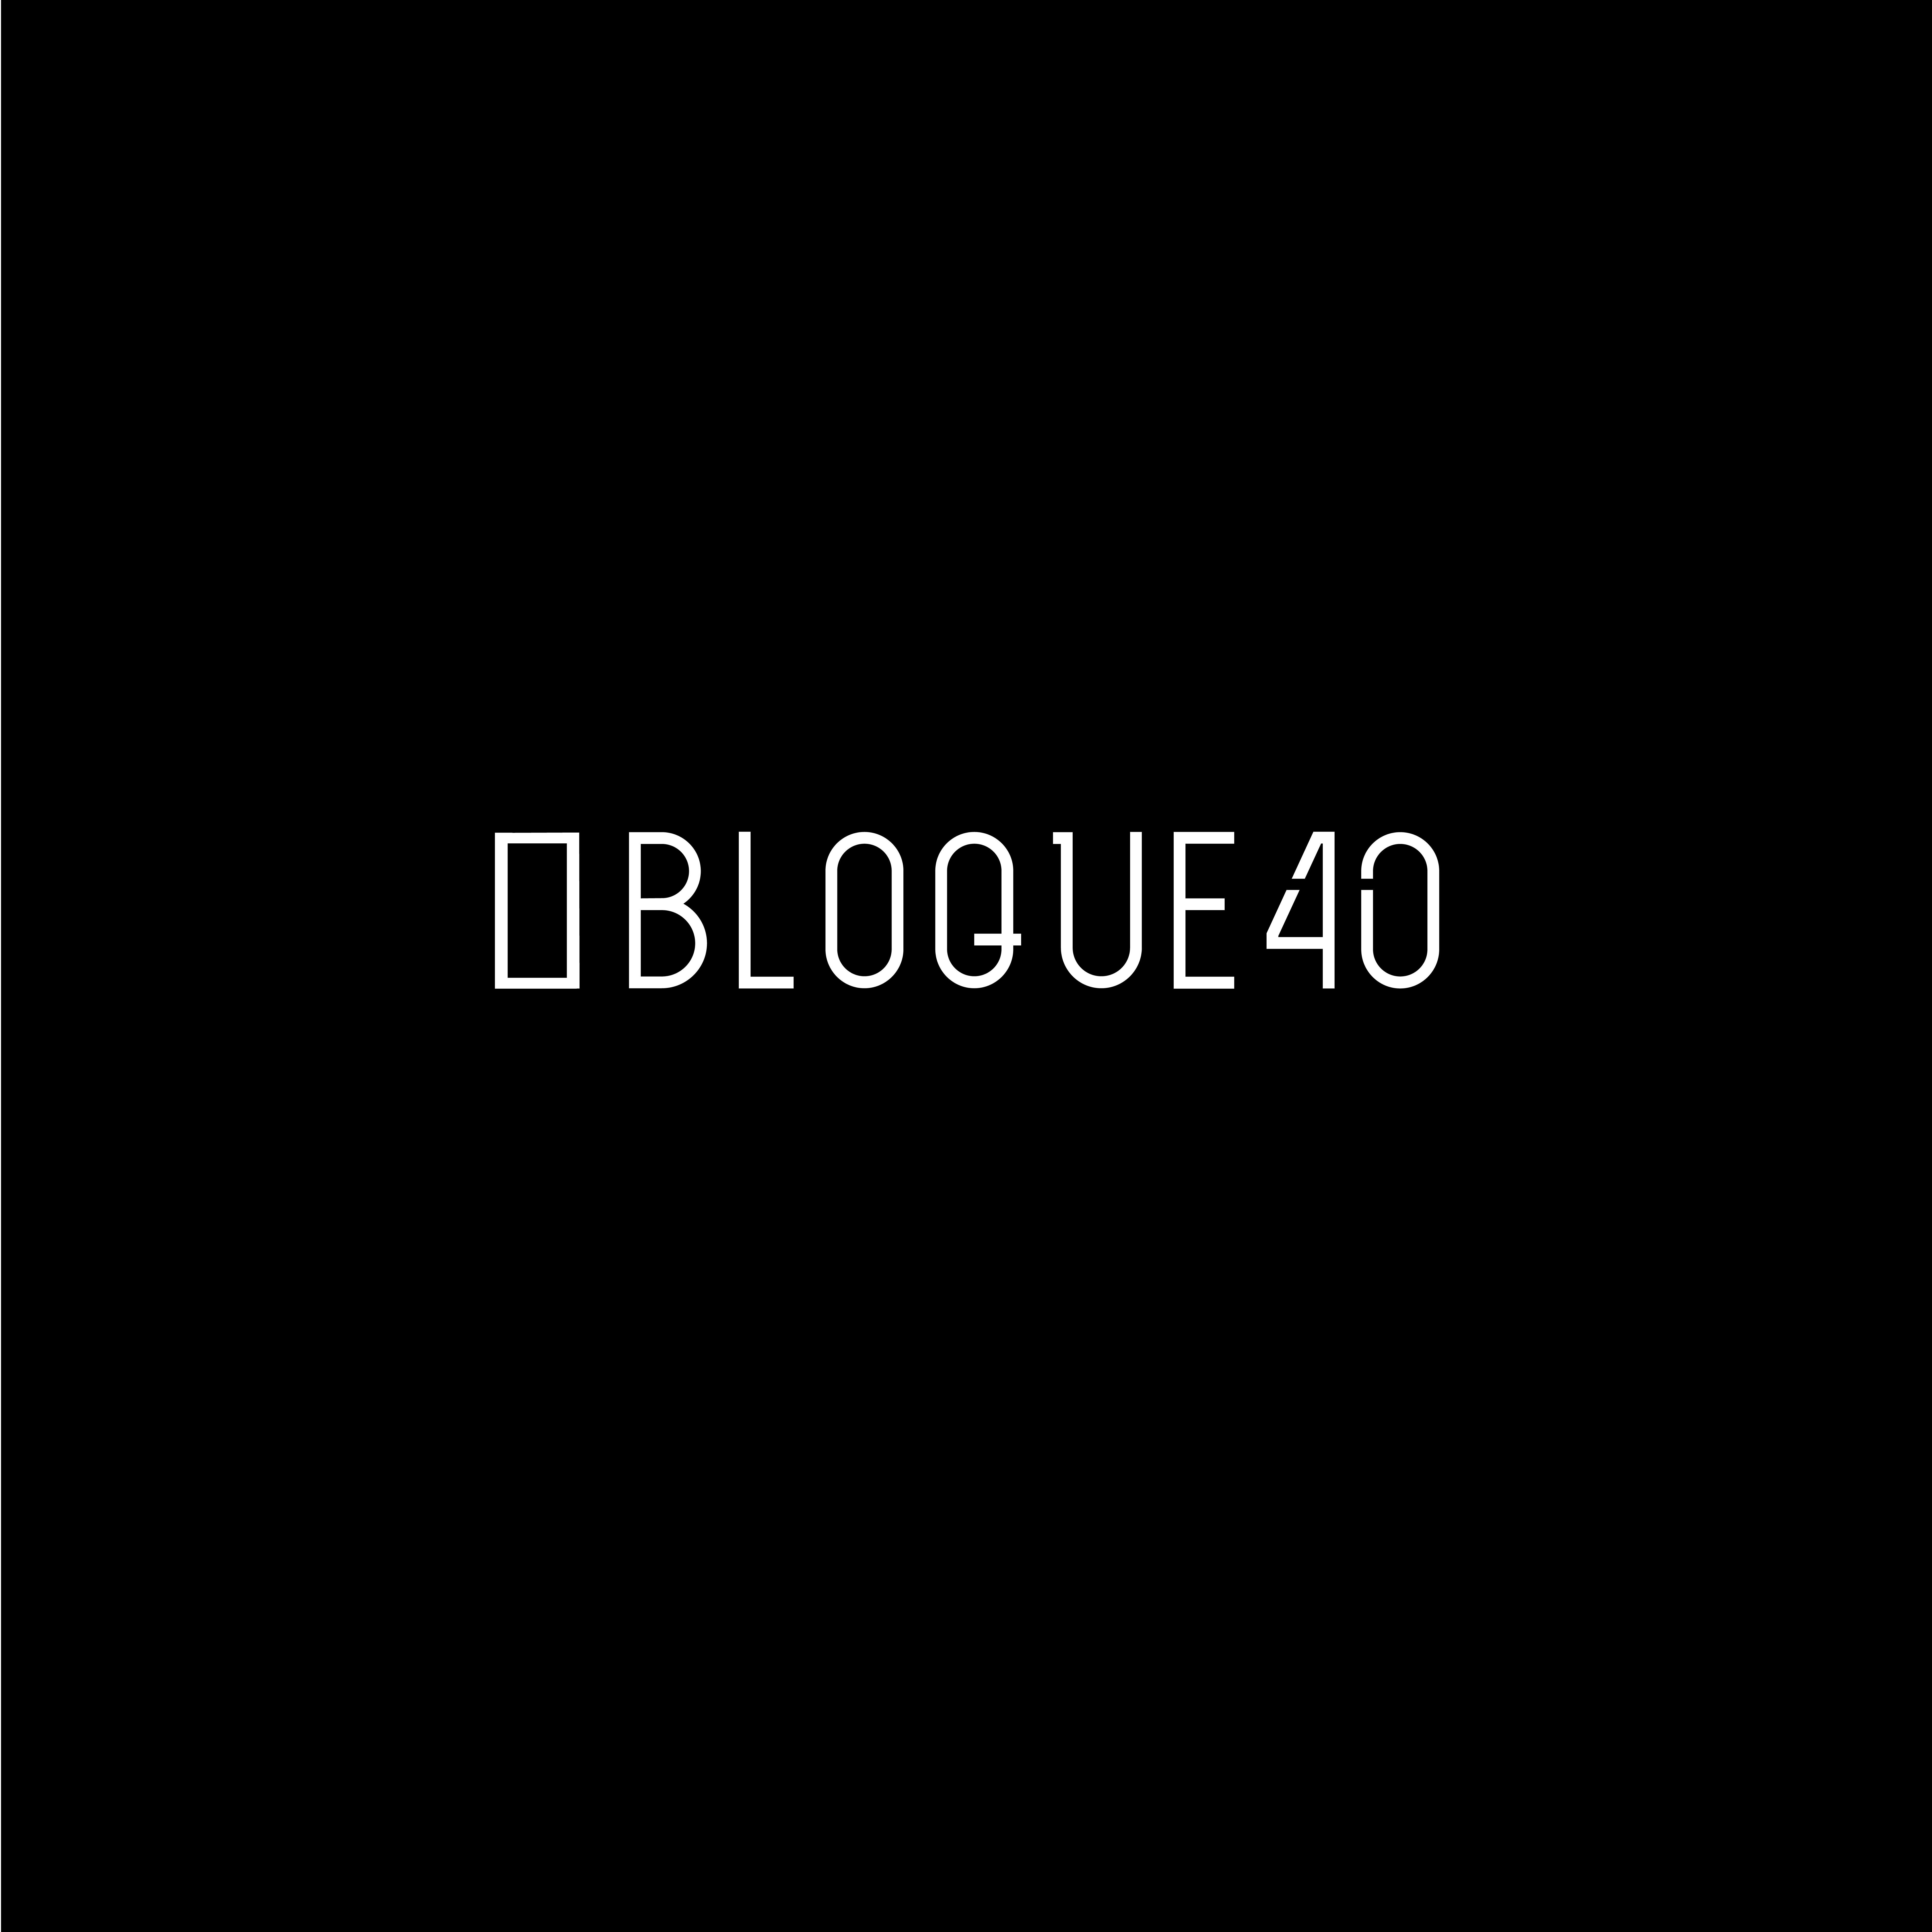 Bloque 40